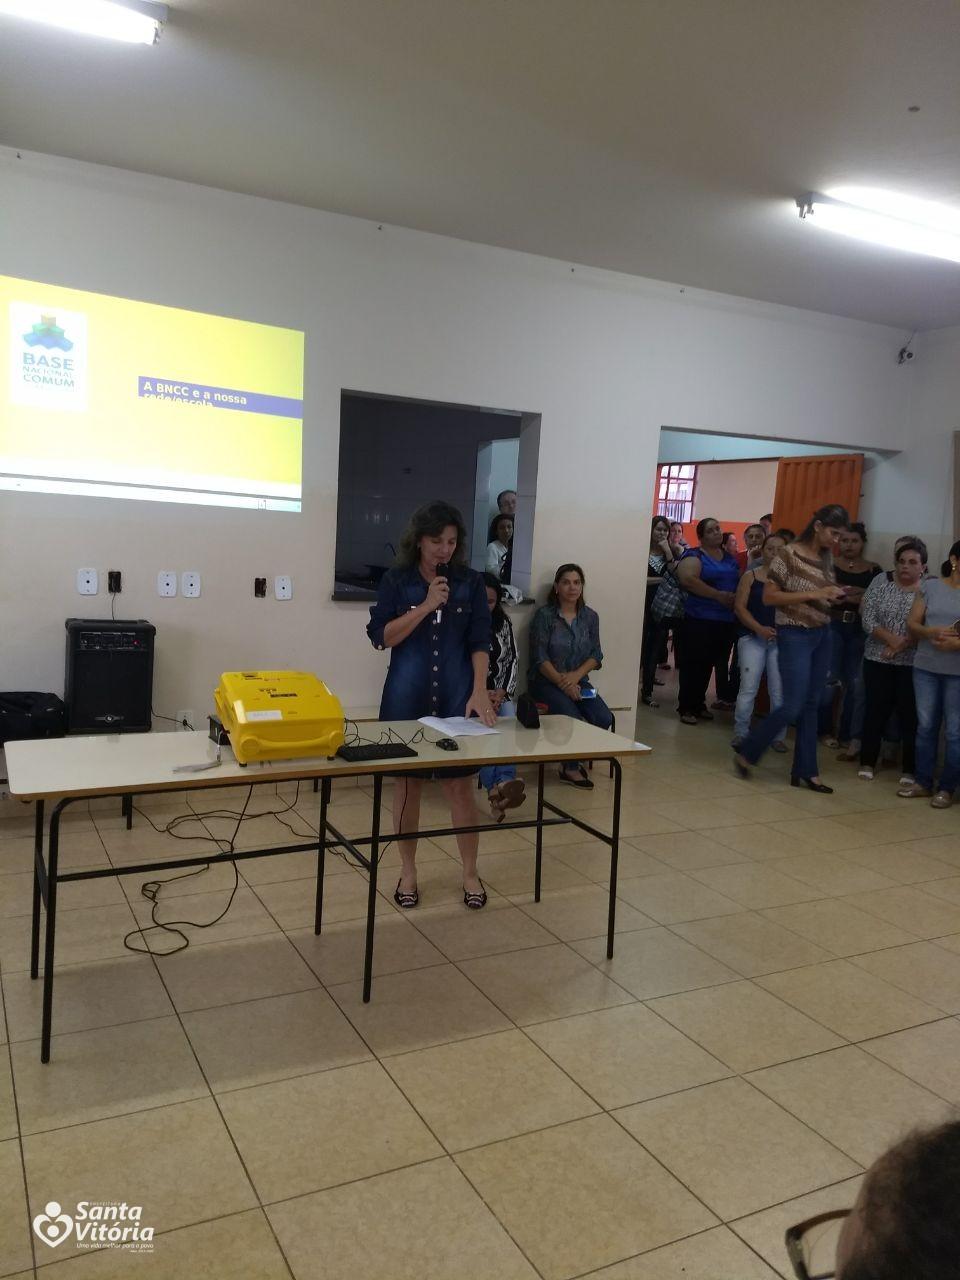 Escolas das Redes Municipal e Estadual discutem a BNCC - Prefeitura Municipal de Santa Vitória-MG